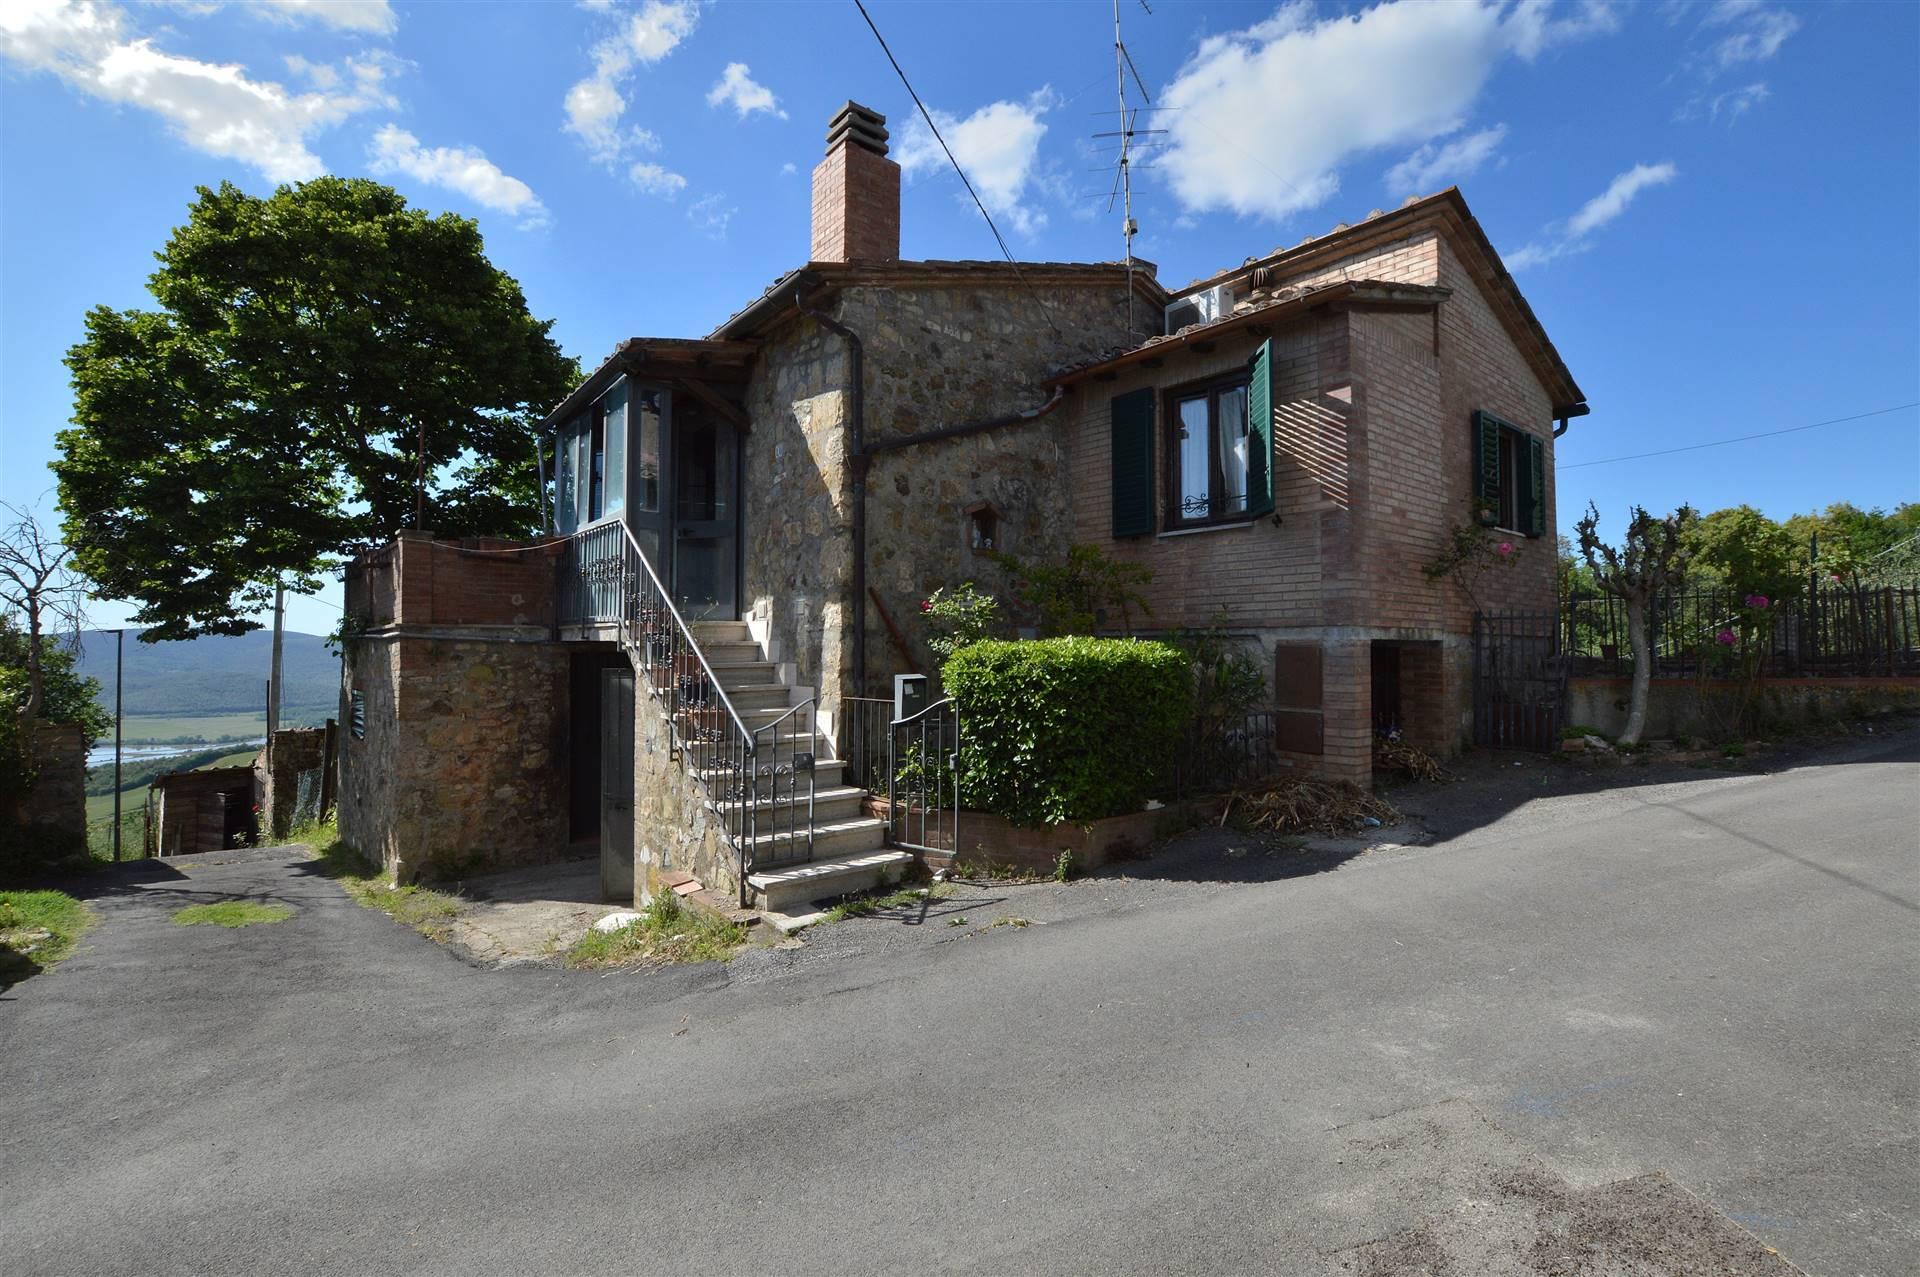 Nelle vicinanze di Casciano di Murlo, in piccolo e caratteristico borgo , proponiamo immobile completamente indipendente in pietra e in mattoni con